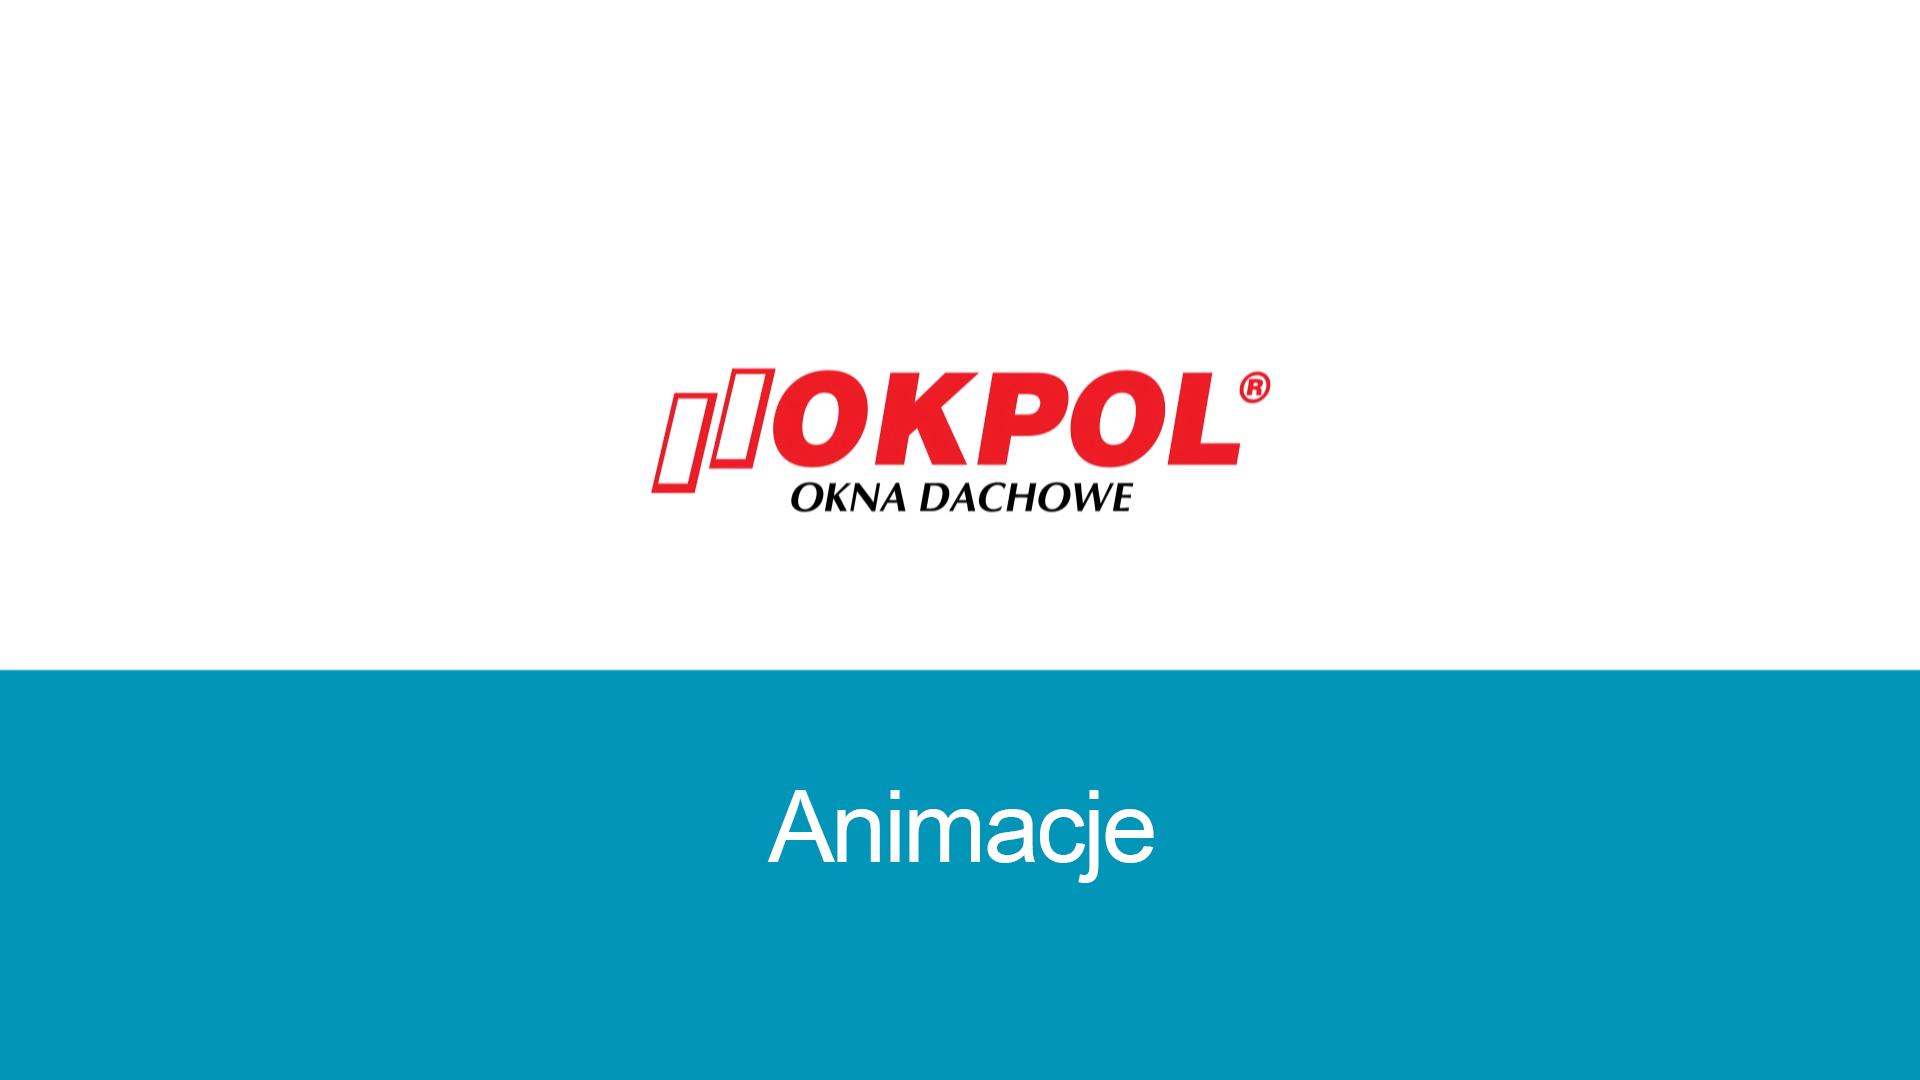 Animacje dla firmy Okpol